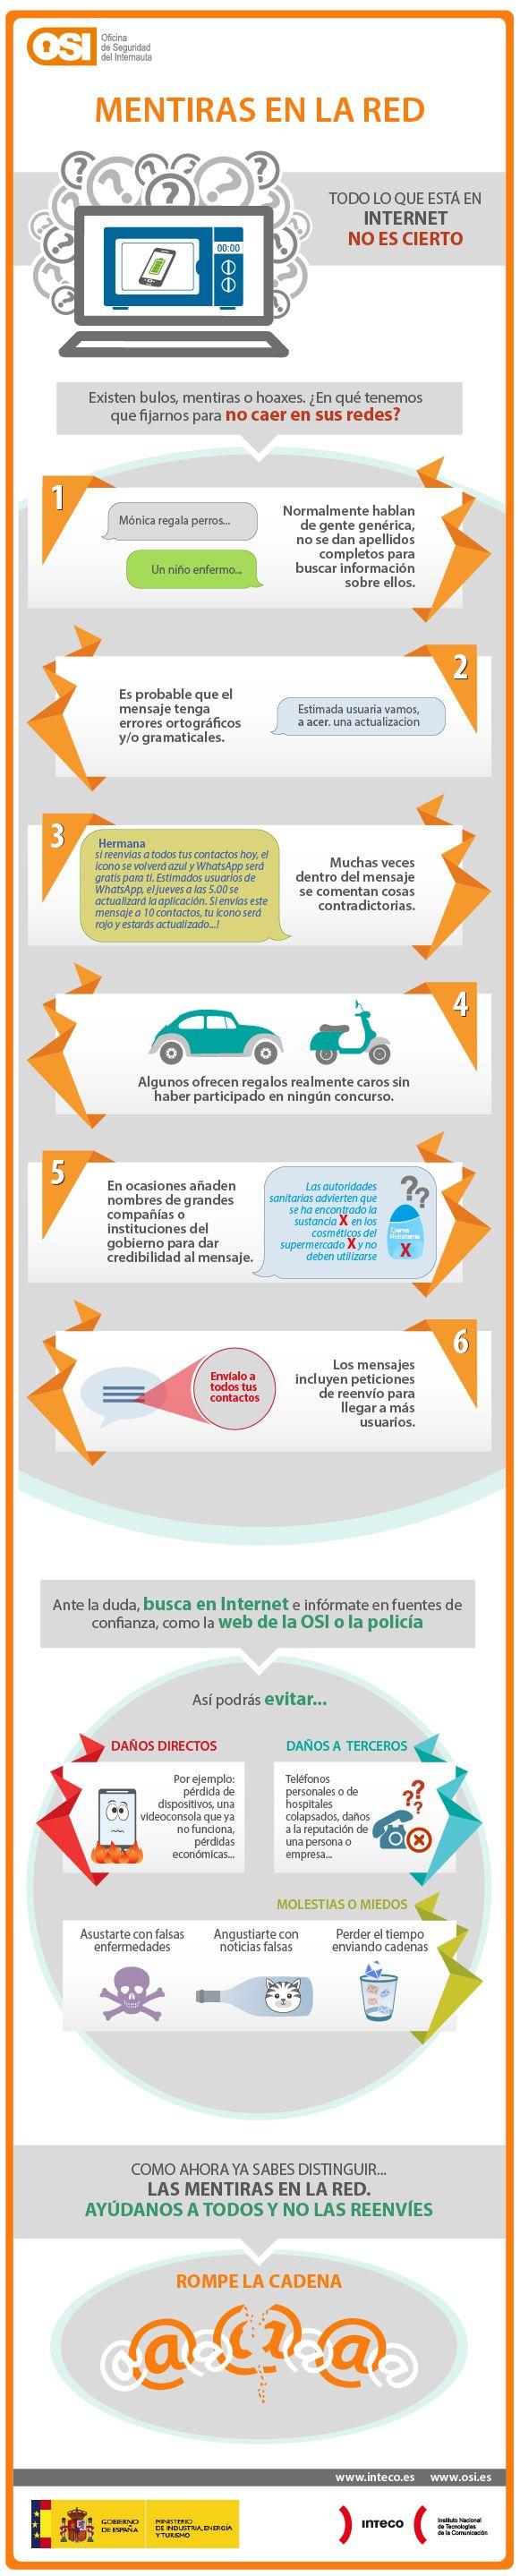 Identidad Digital: Seguridad en el uso de las redes sociales e internet #REDucacion by @juanjogij